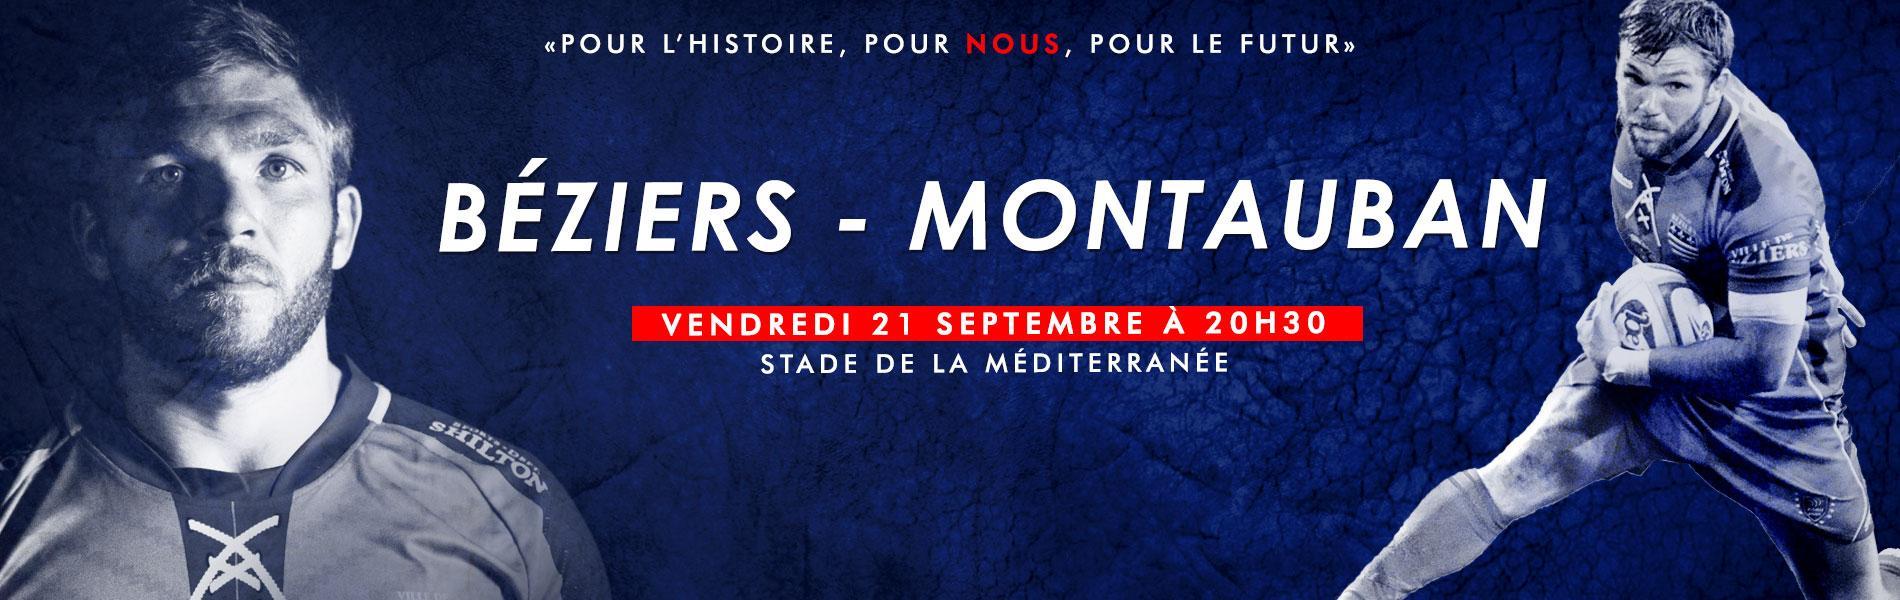 Image Béziers - Montauban, cinquième journée du championnat de Pro D2